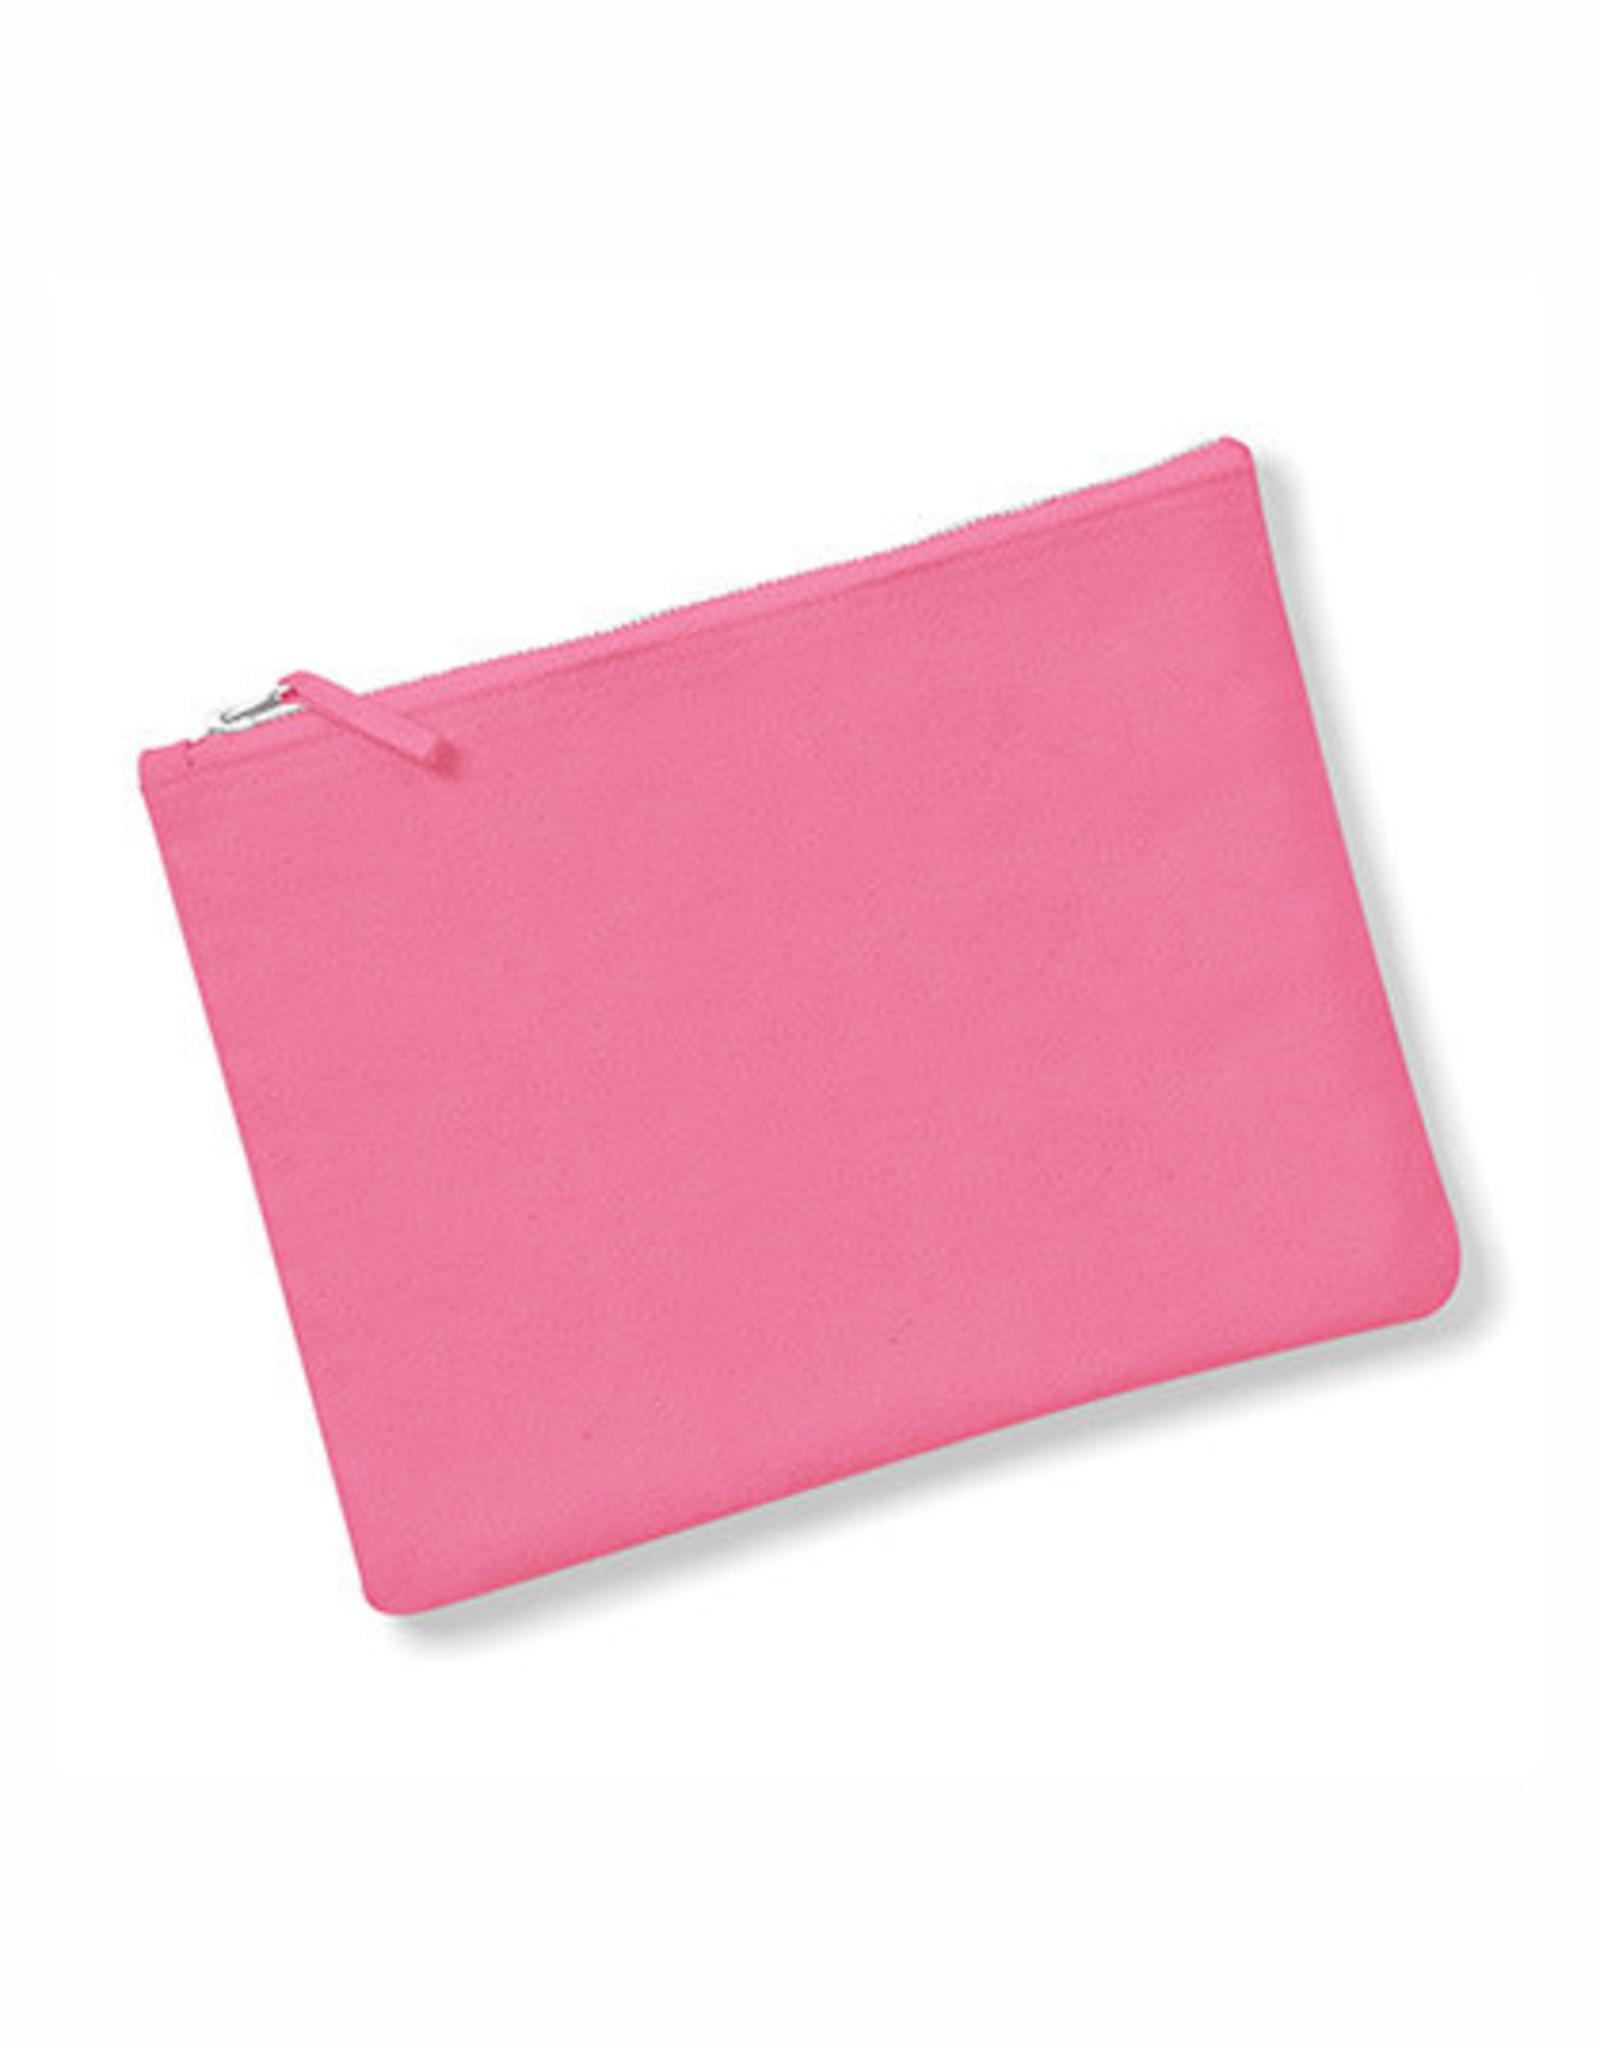 gepersonaliseerde ritstasje plat XS 12 x 8,5 cm roze